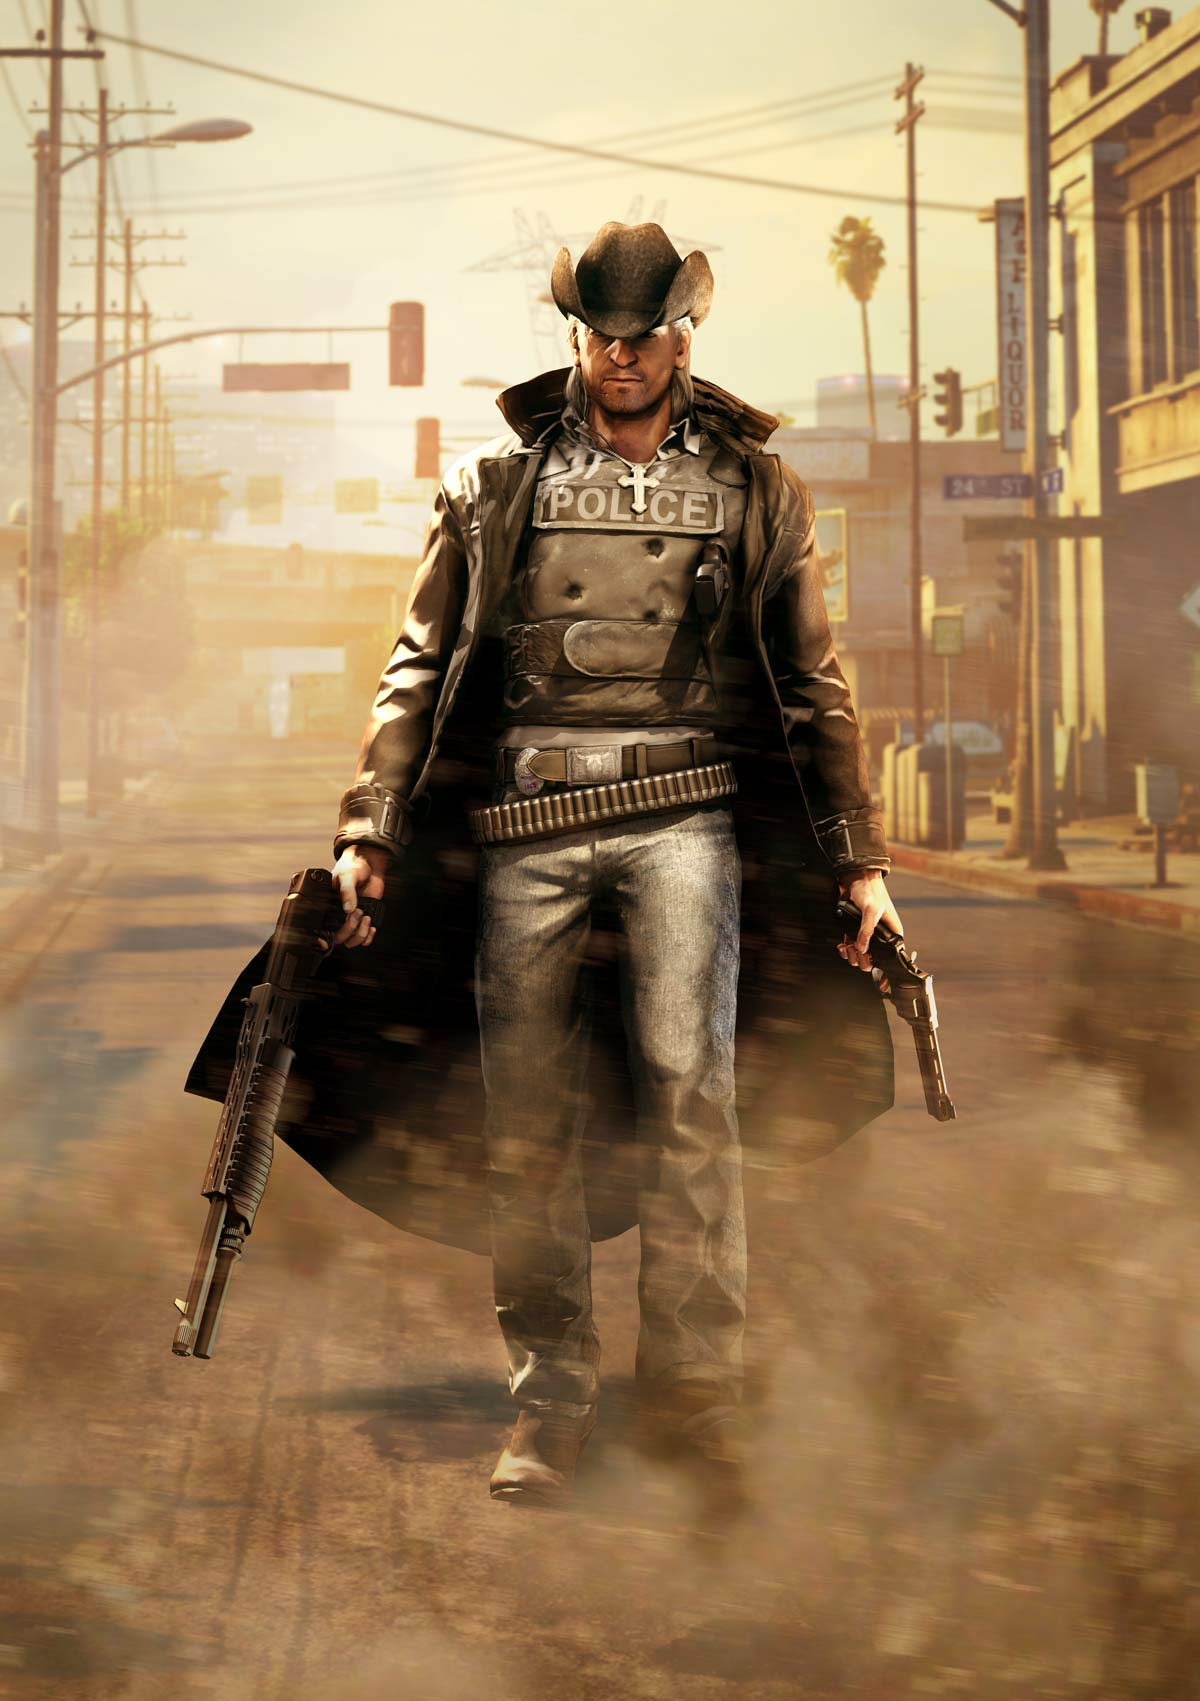 outlaw cowboy wallpaper - photo #5